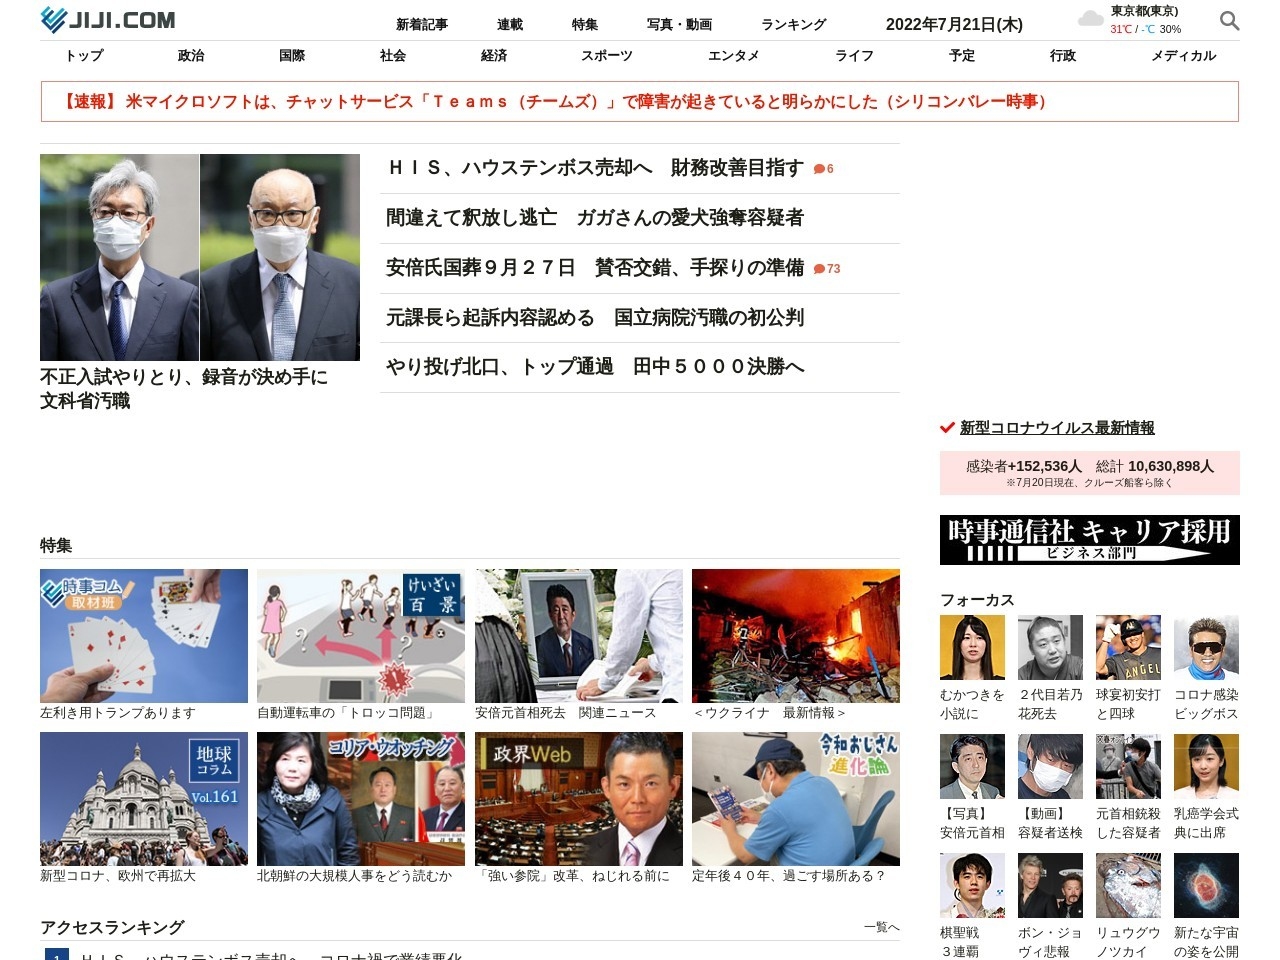 東京スポーツイメージガール「ミス東スポ2020」オーディションBブロック参加者募集開始